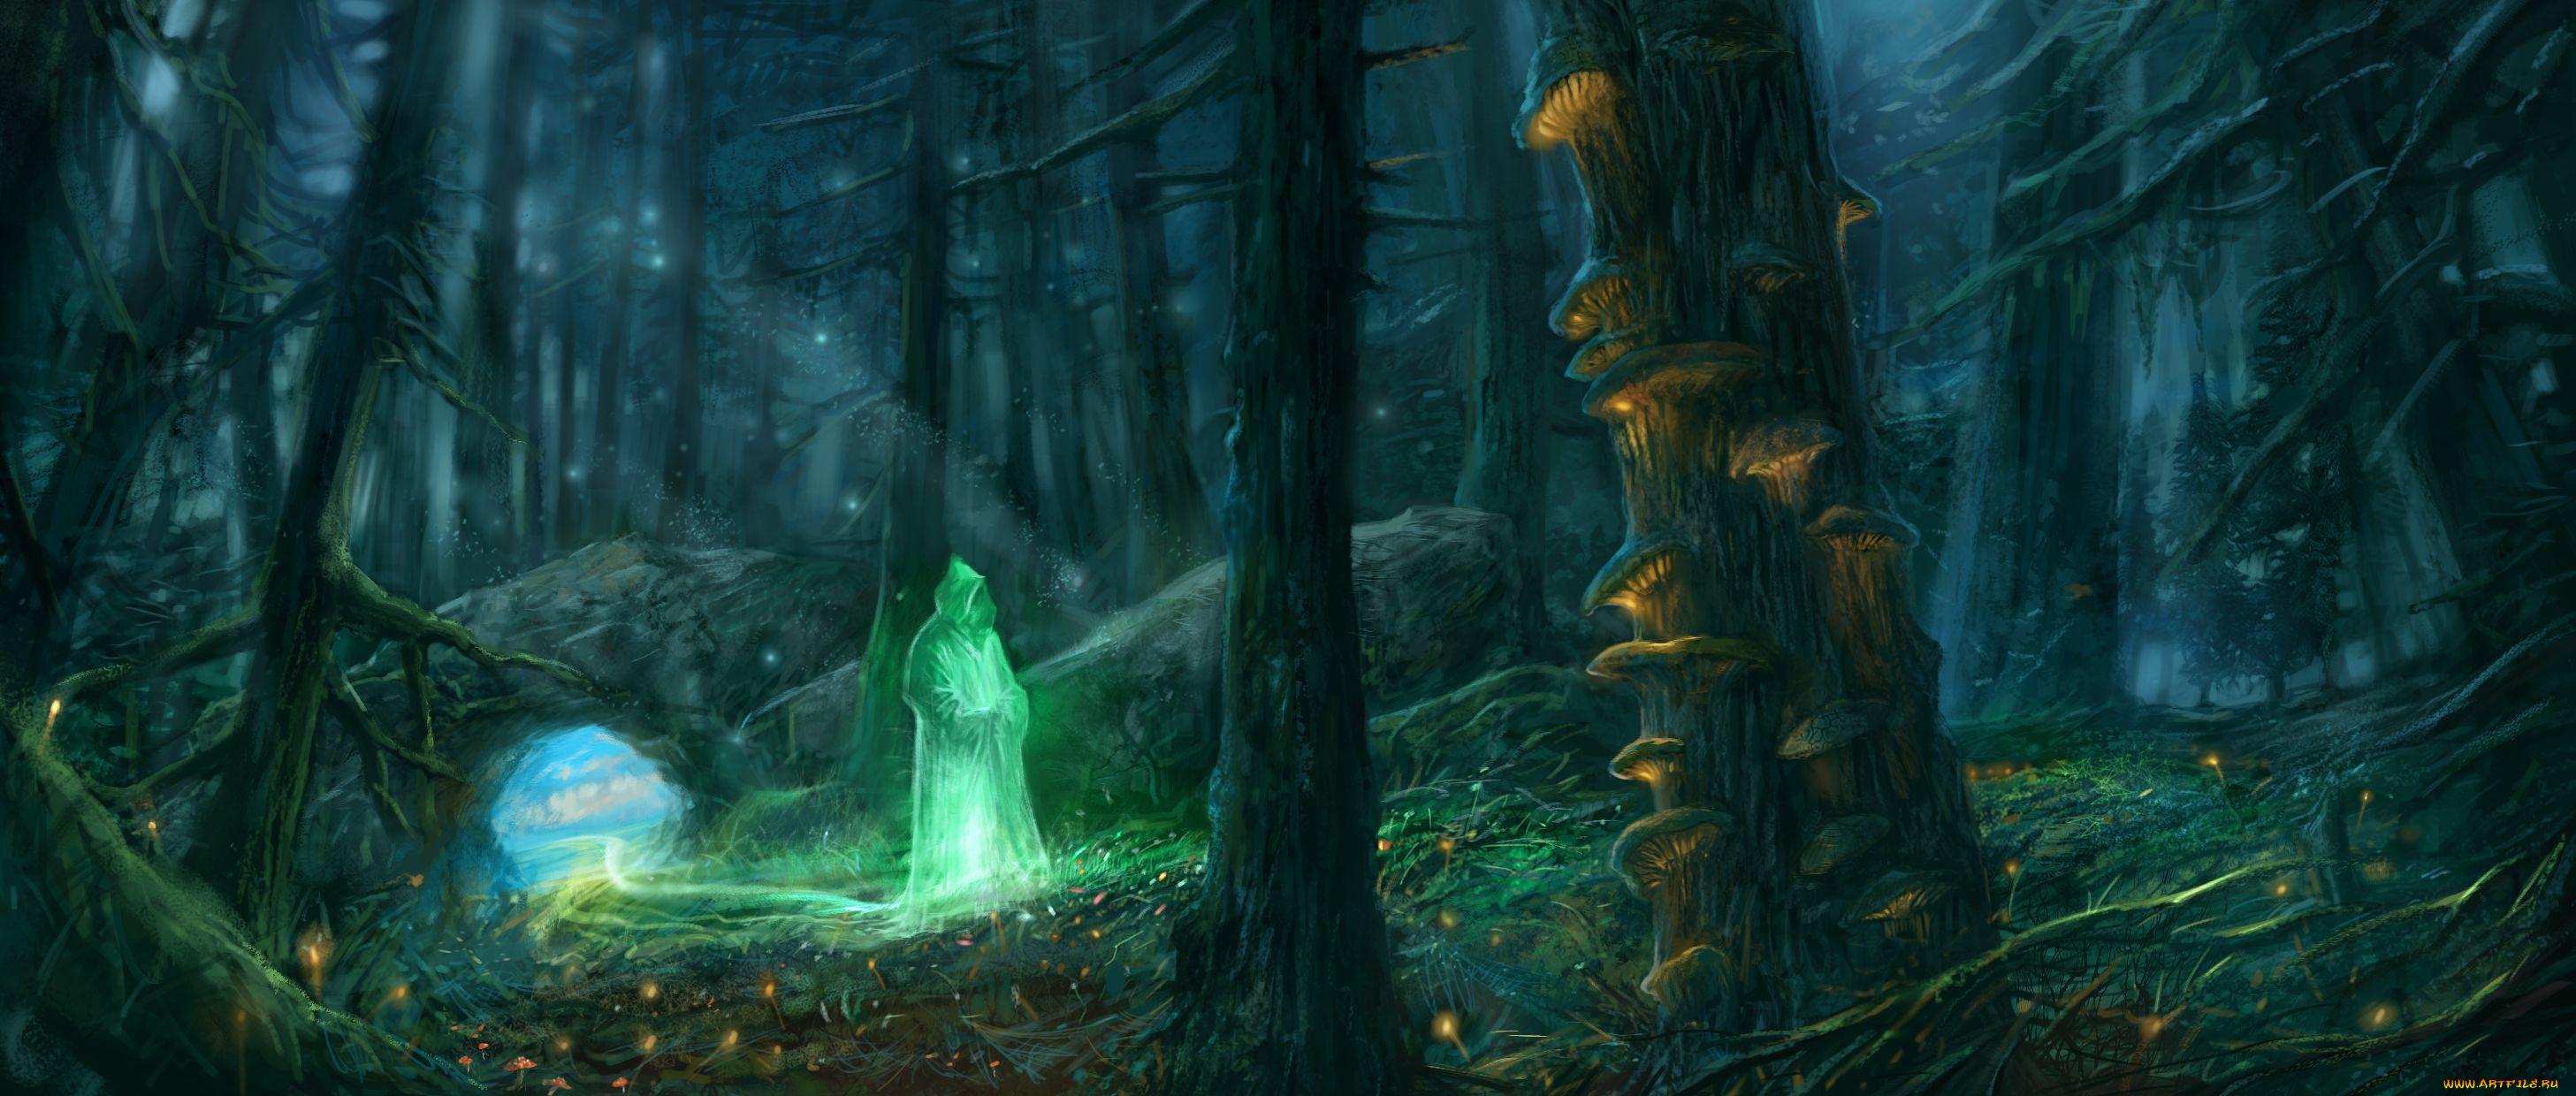 Маг, призрак, фэнтези бесплатно